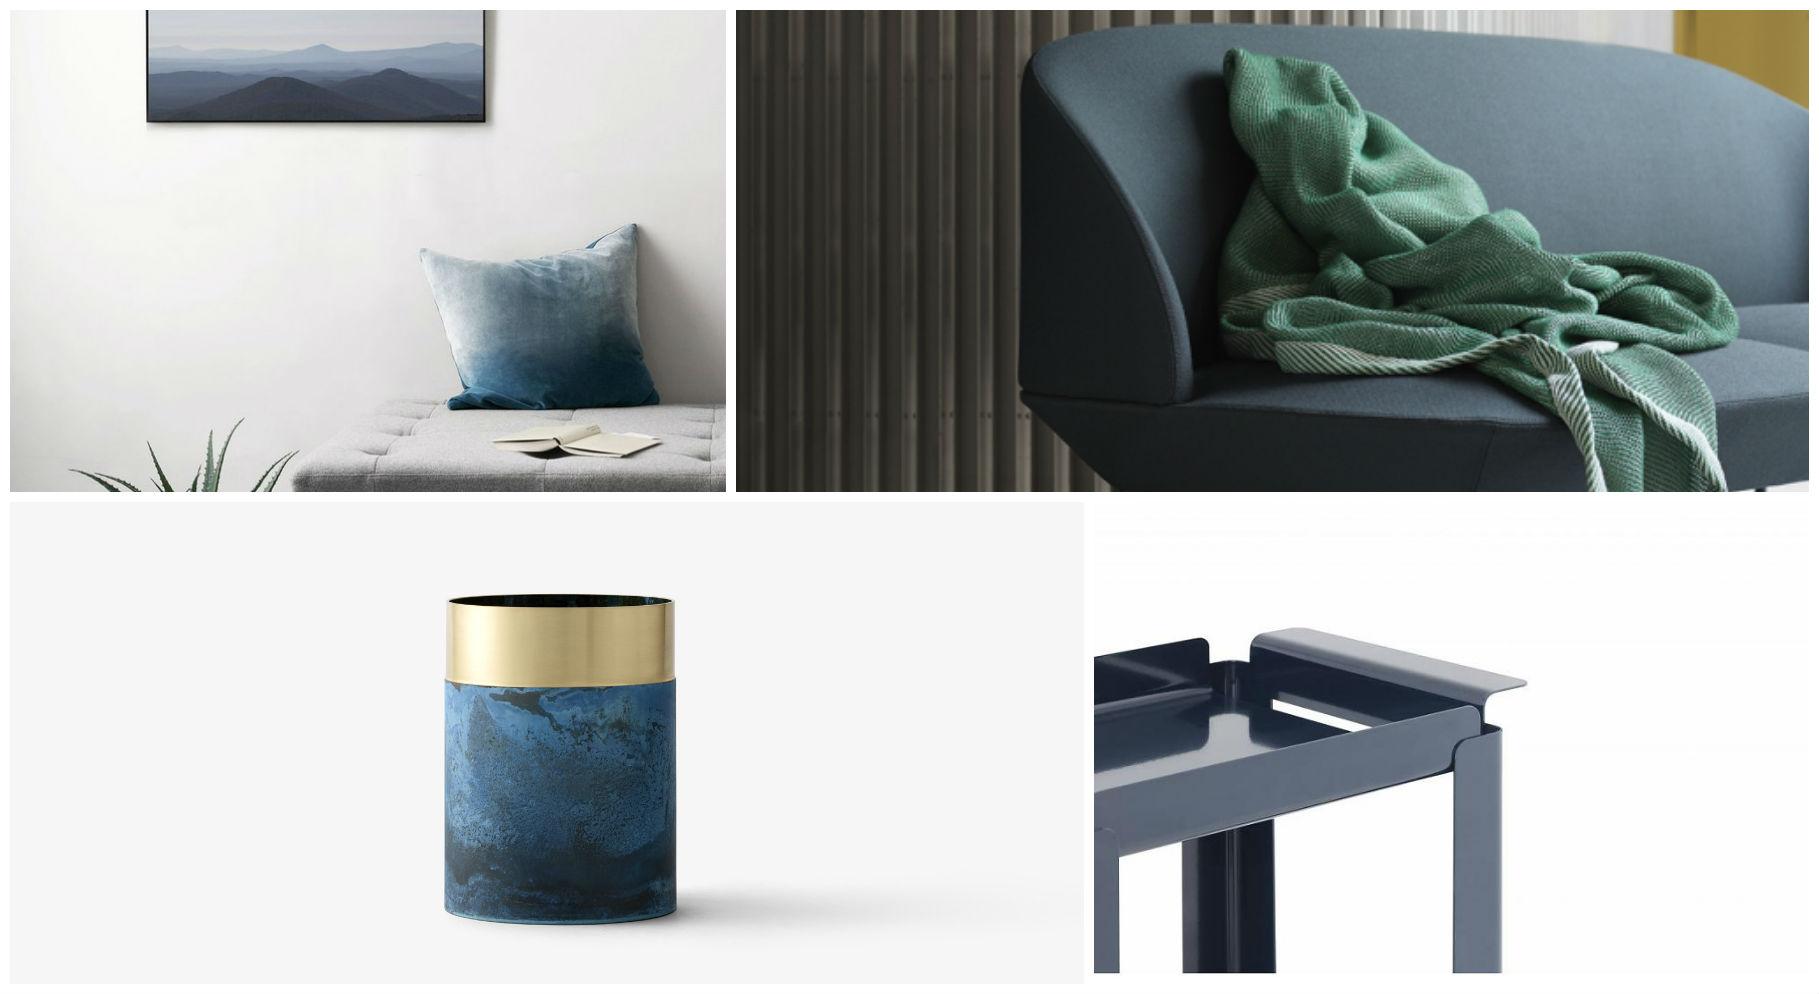 k hlger te f r wohnung 10 dinge die ihre wohnung jetzt. Black Bedroom Furniture Sets. Home Design Ideas